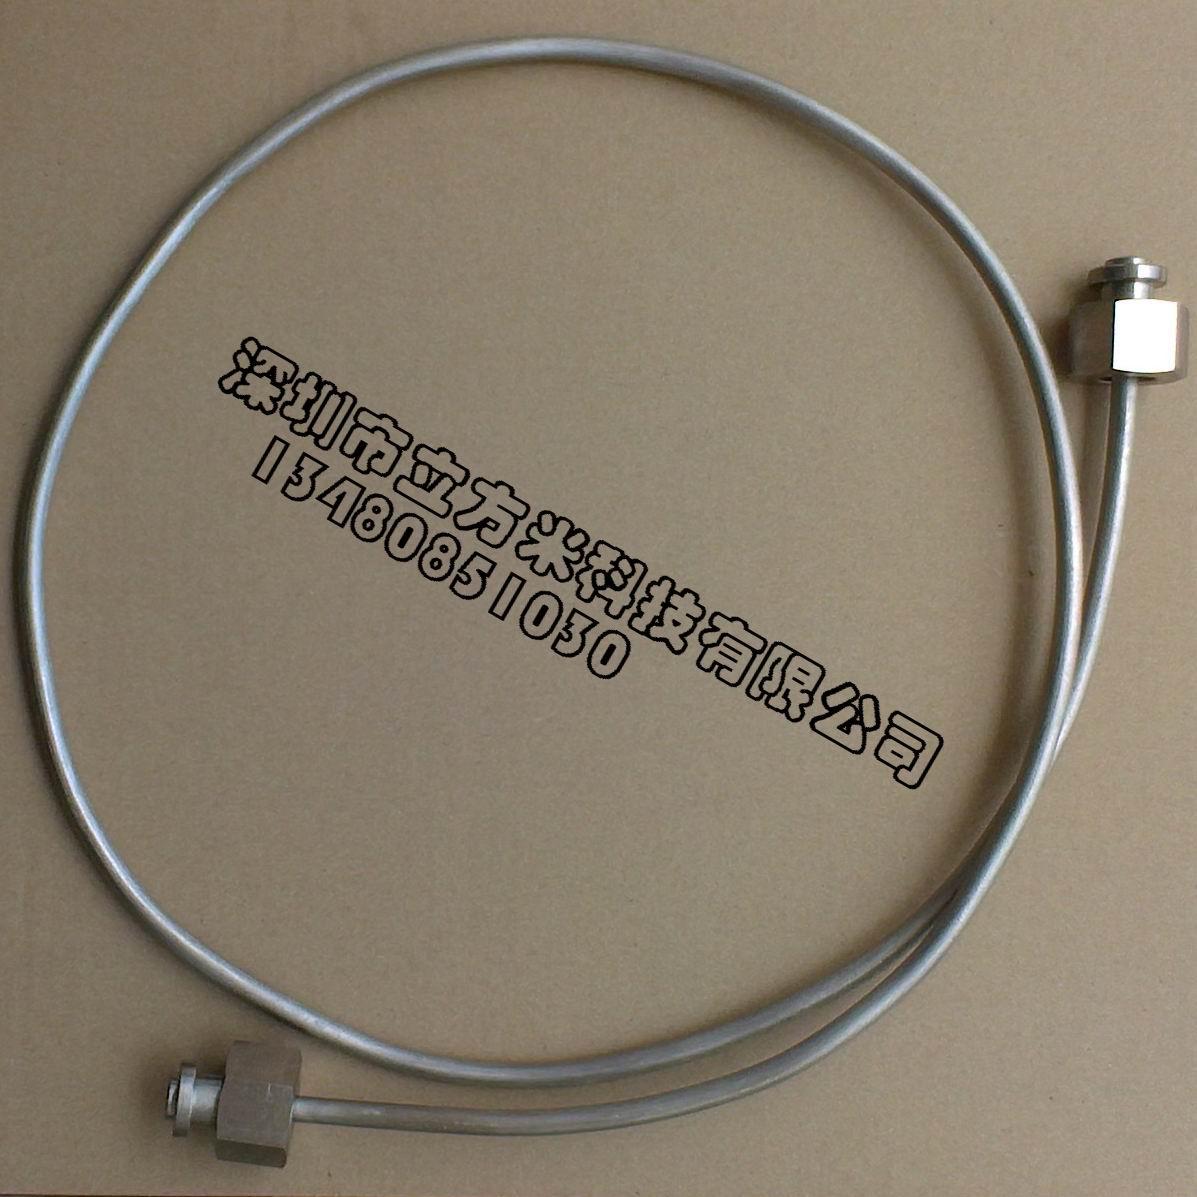 氯气铜管 柔性连接管 氯瓶导管 液氯充装铜管